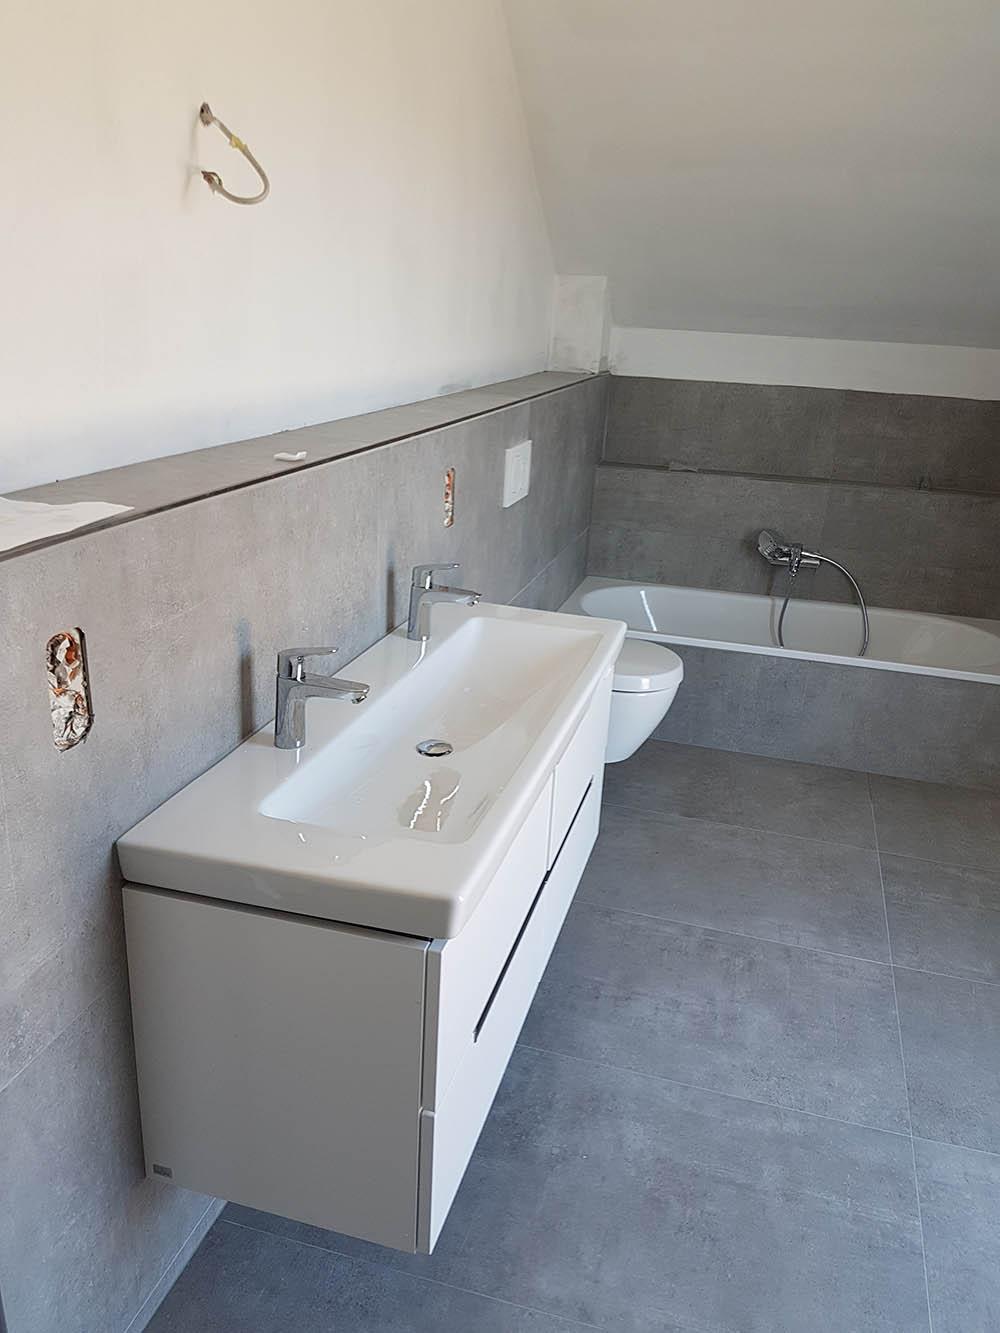 Hausbau mit Okal - Baublog Hessen, RTK: Bad endlich fertig - jetzt